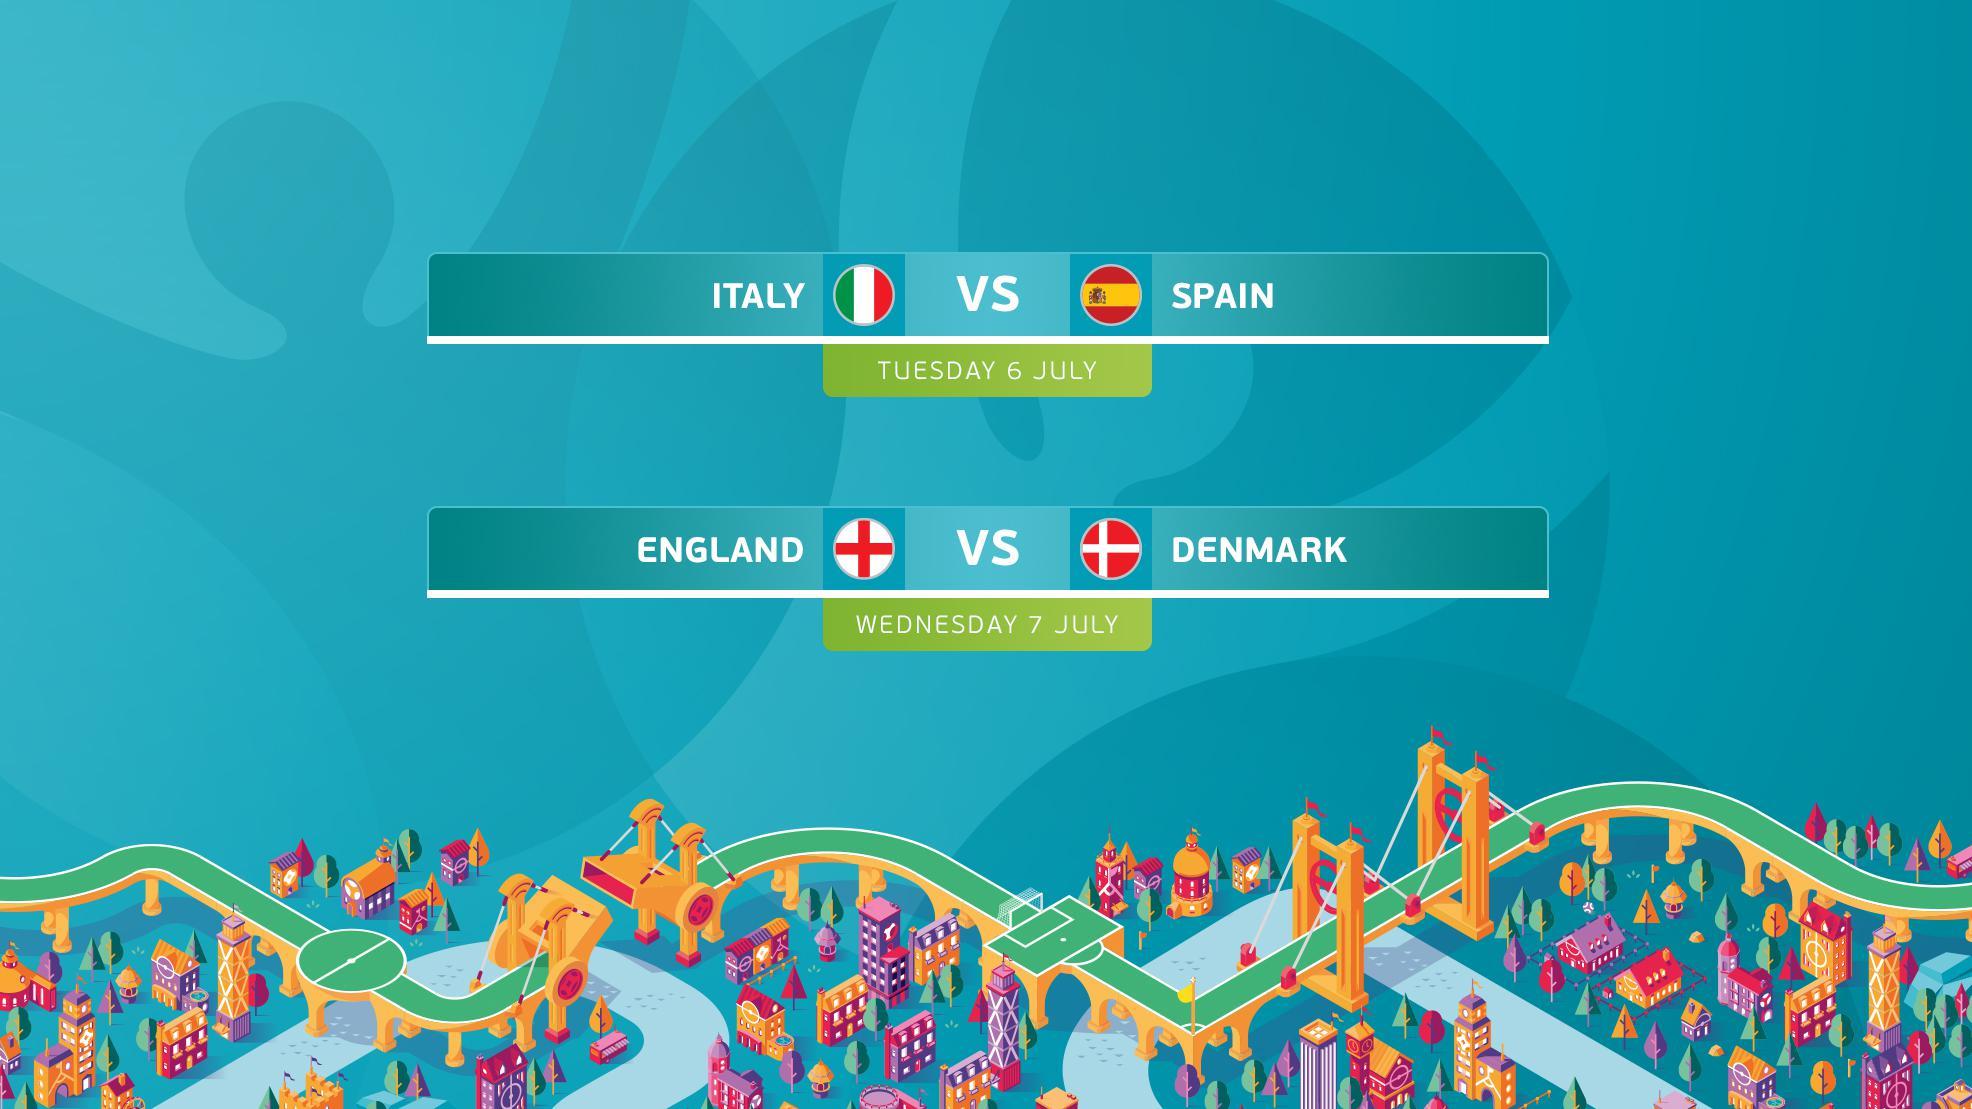 UEFA EURO 2020 semi-finals: Italy vs Spain, England vs Denmark